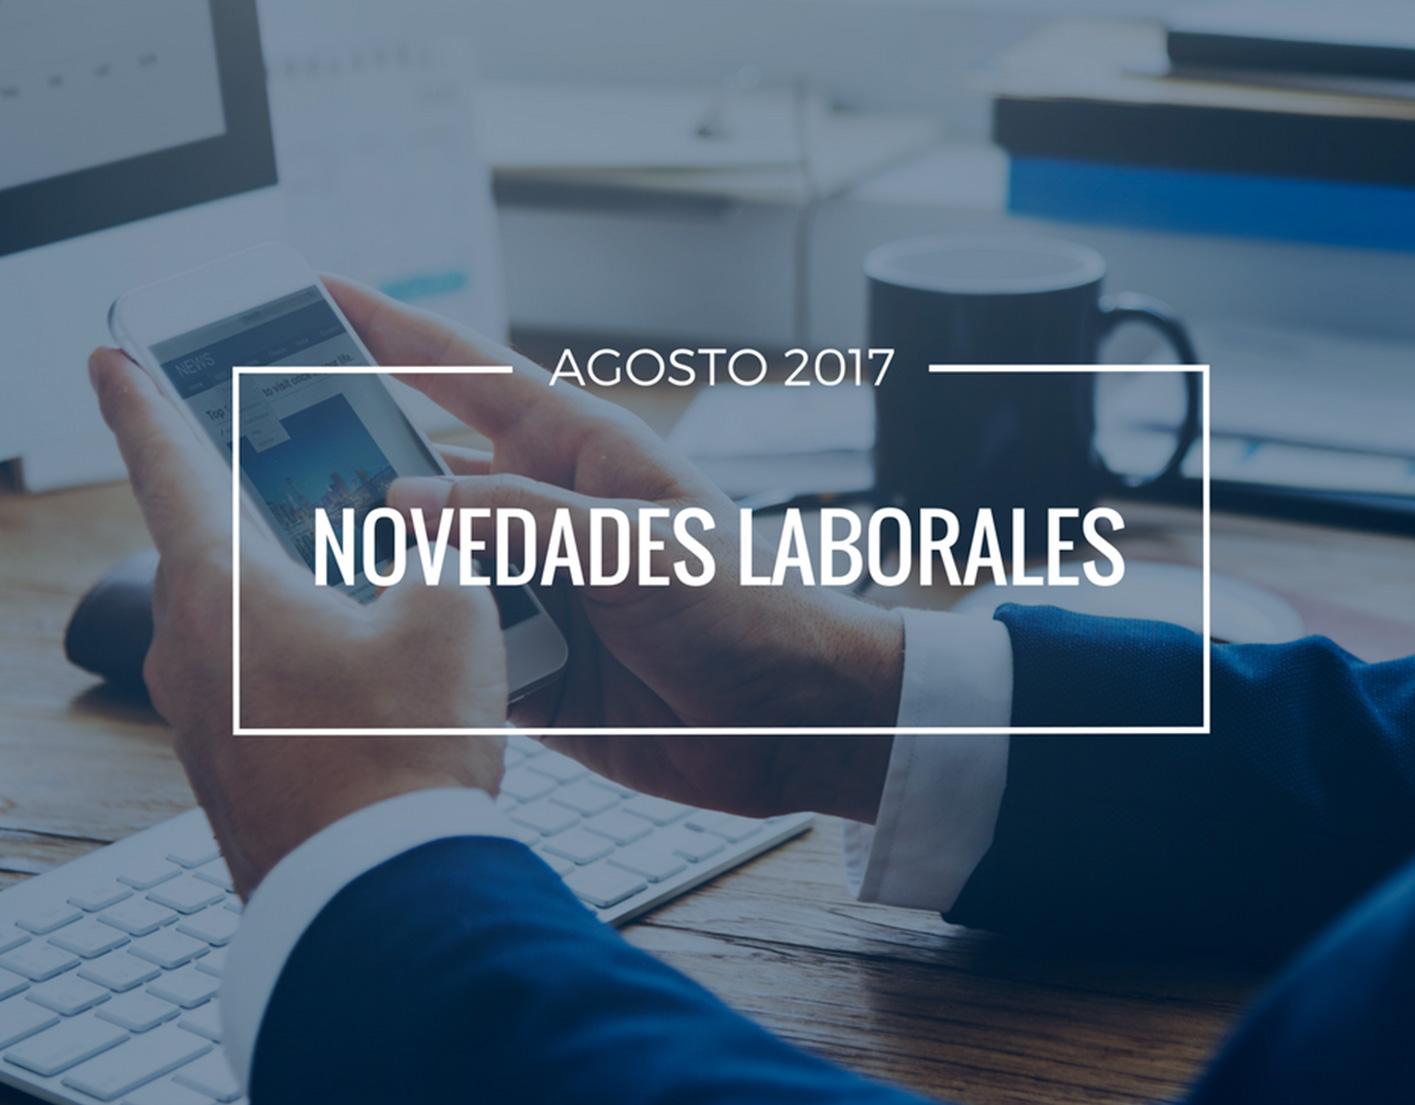 Novedades laborales agosto 2017